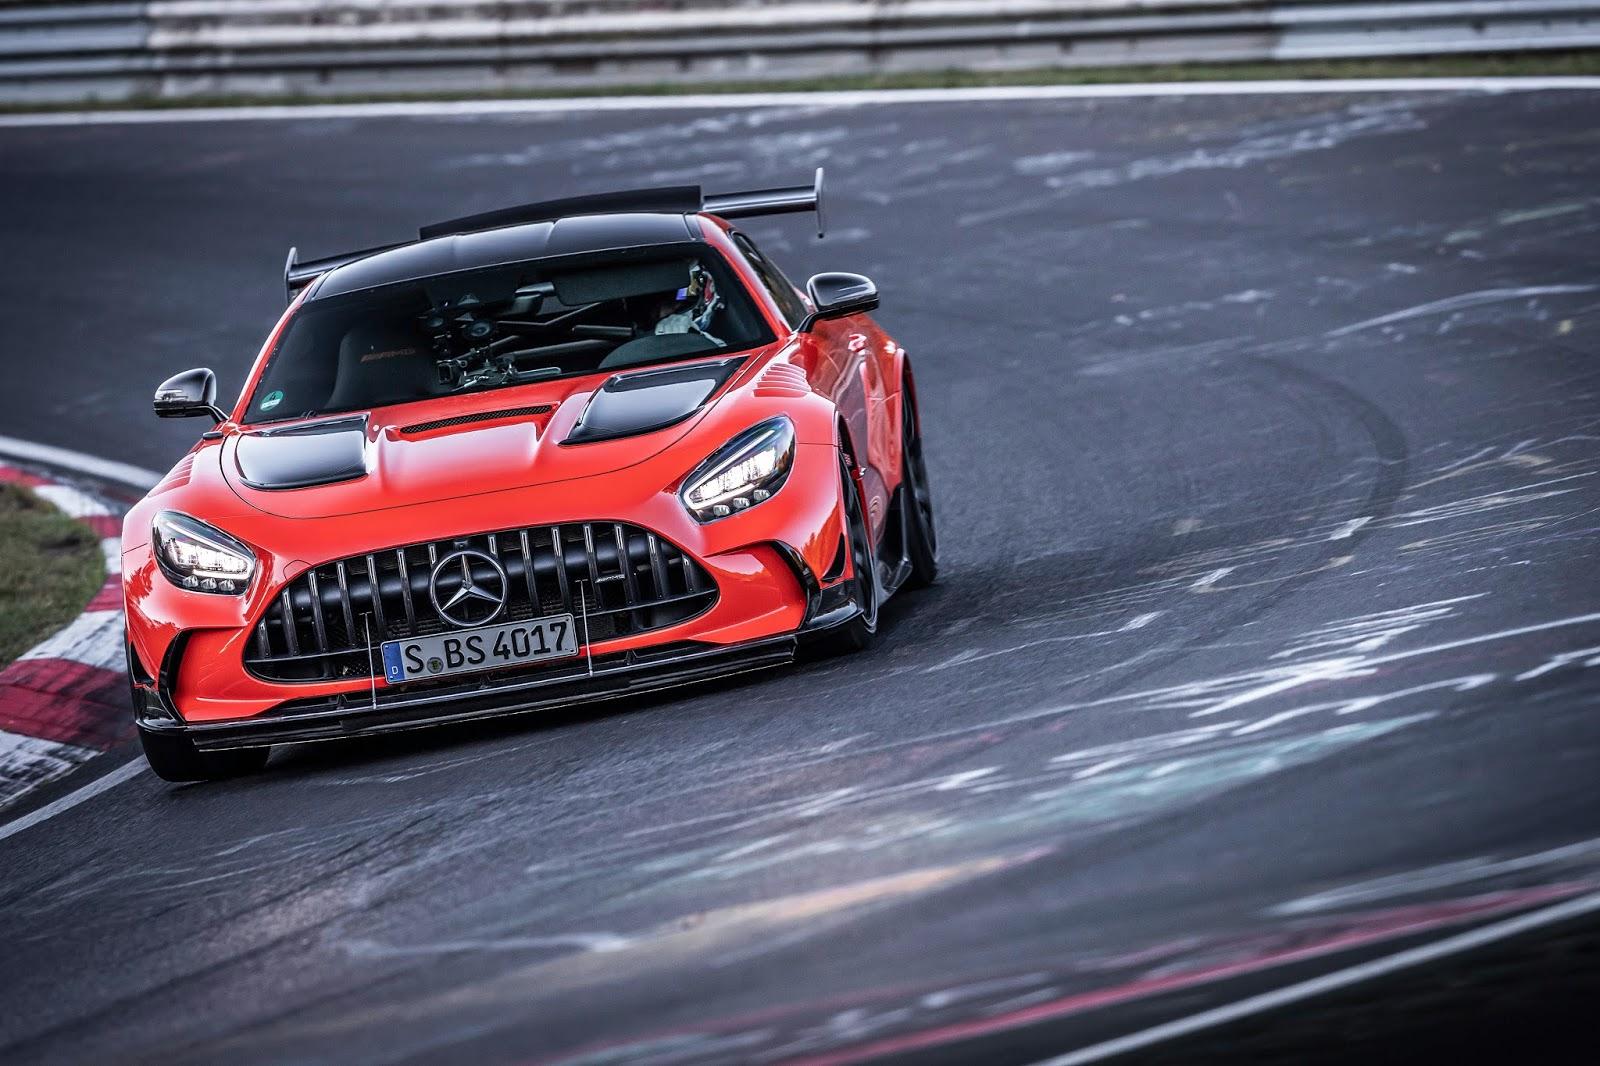 20C0672 015 1 GT Black Series : Η νέα Record Holder του Nurburgring AMG, GT Black Series, Mercedes, Nurburgring, ειδήσεις, Ρεκόρ